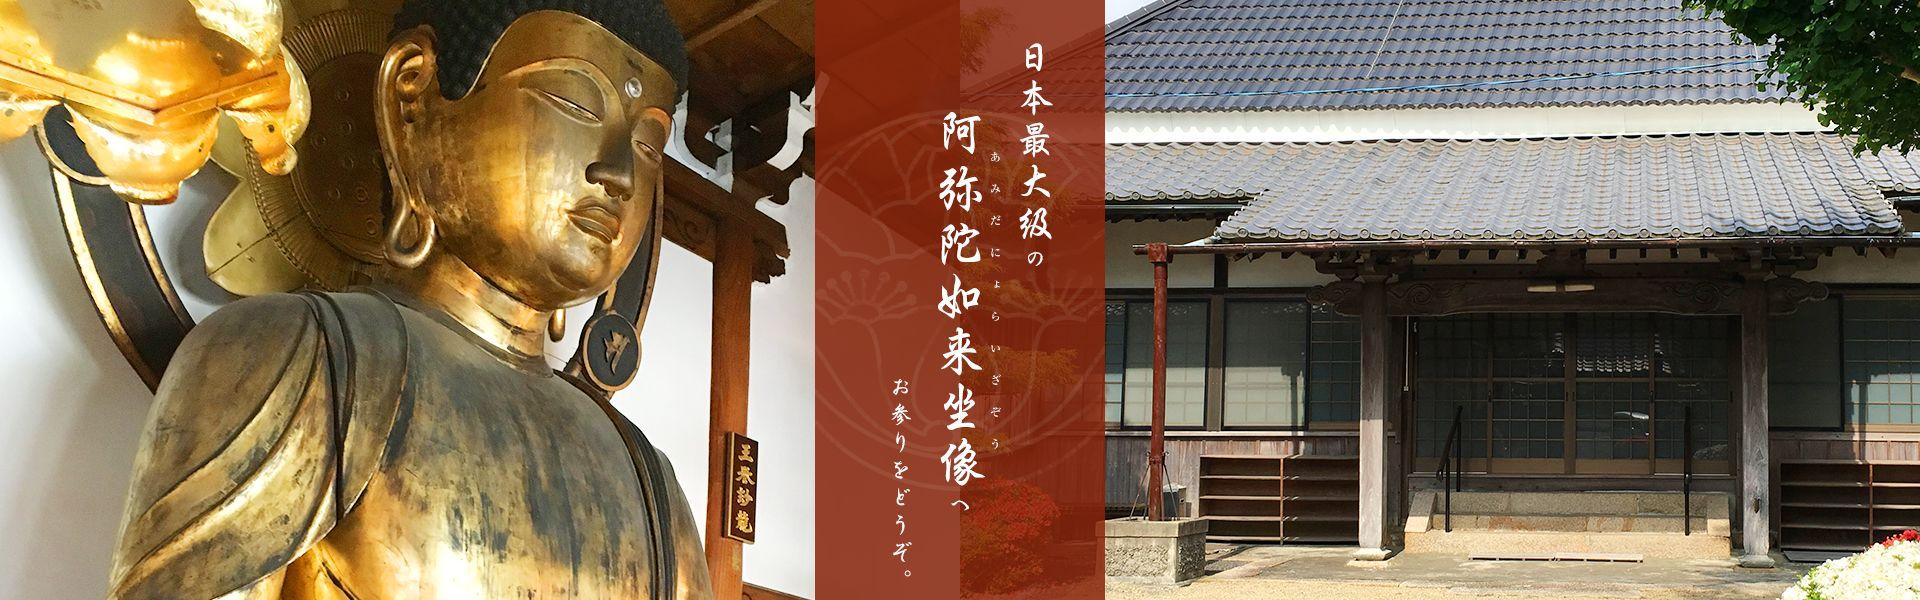 日本最大級の阿弥陀如来坐像へお参りをどうぞ。